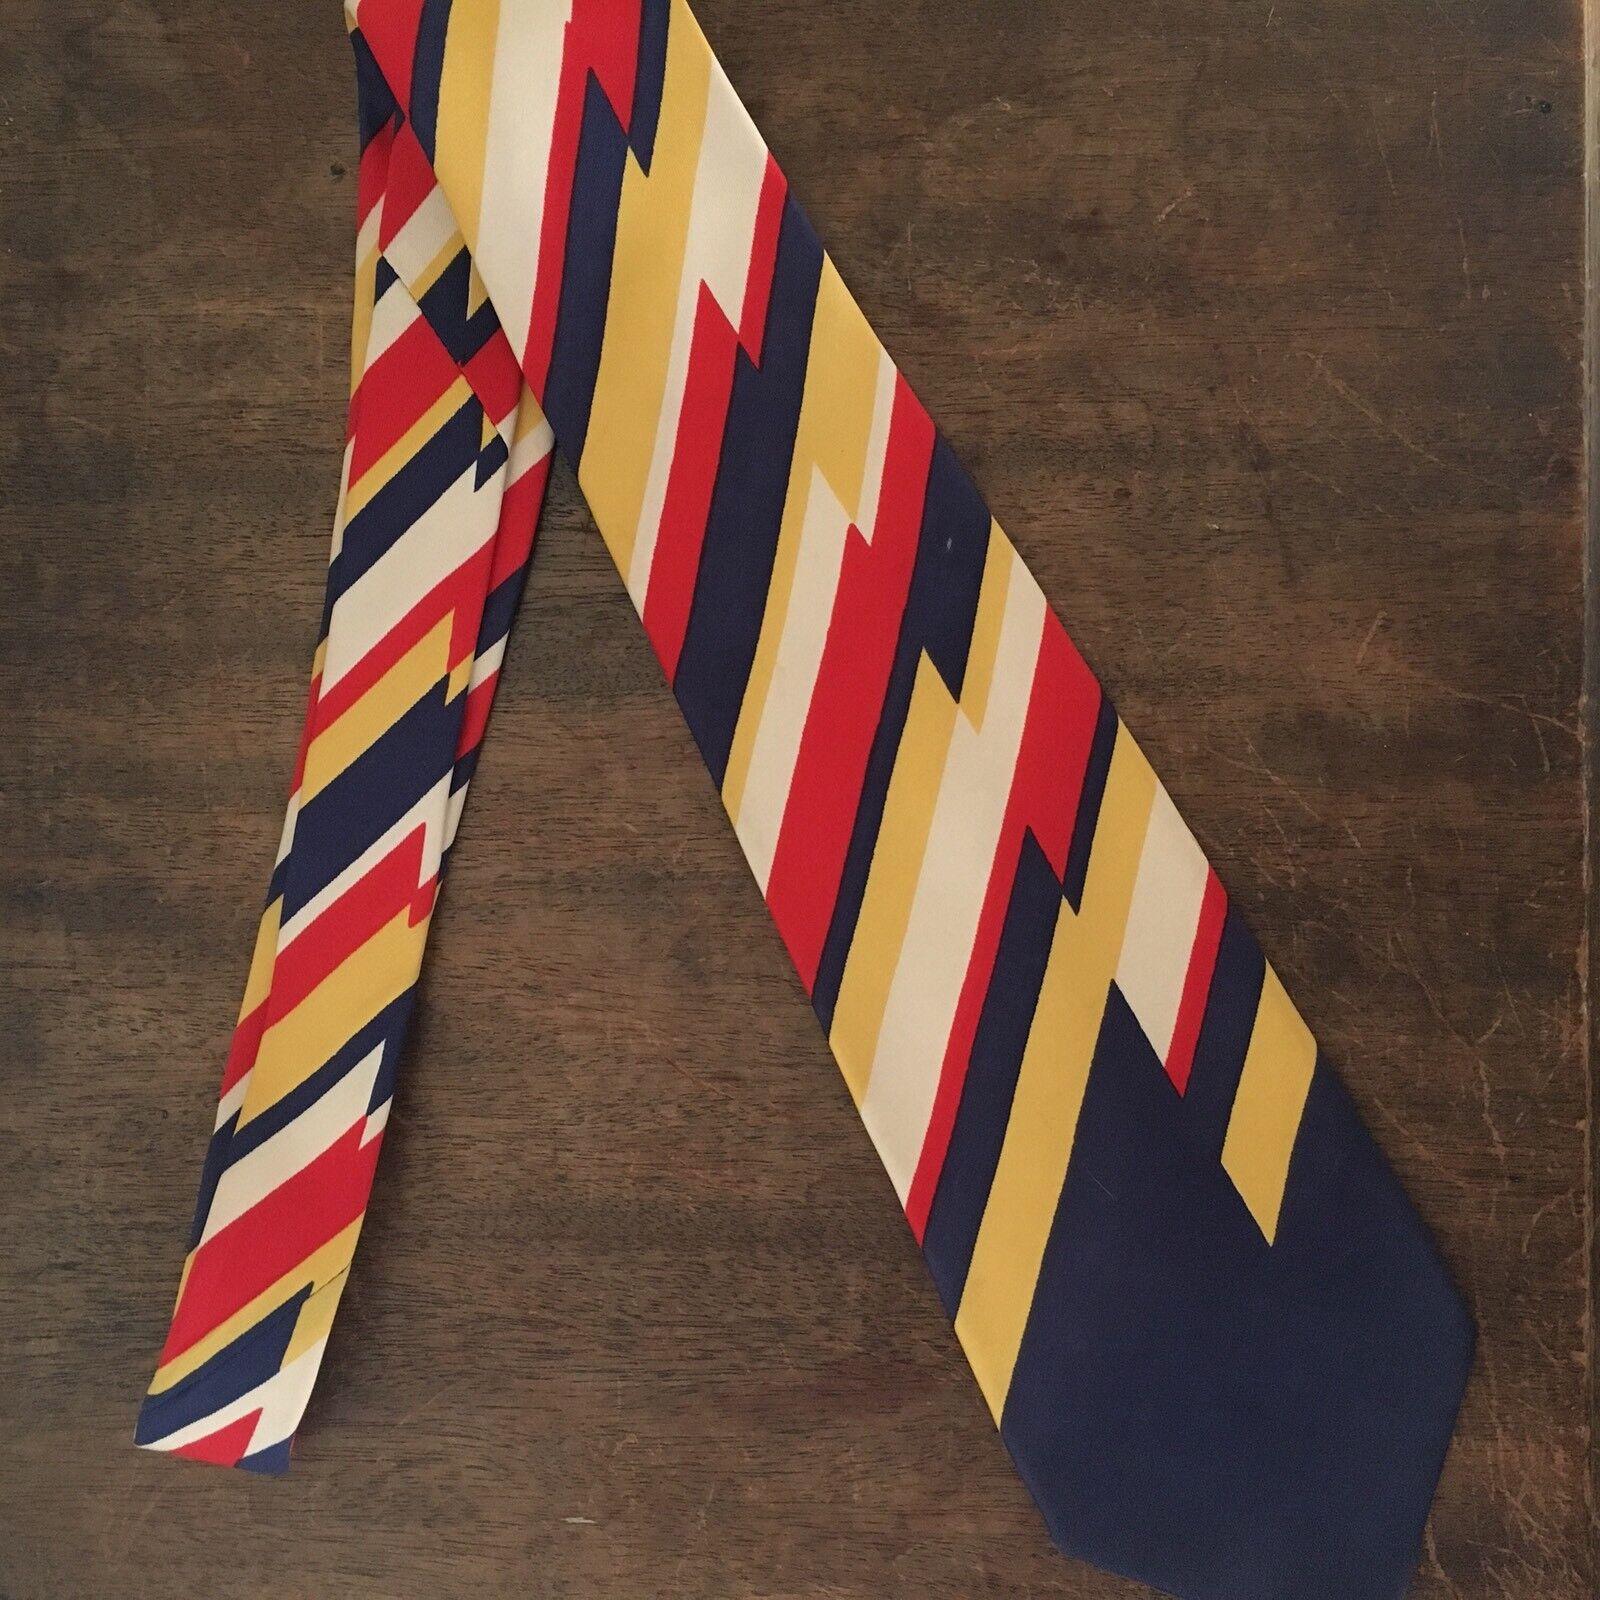 Vtg Mod Silk Tie Asymmetric Red Yellow Blue Necktie 1960s British American